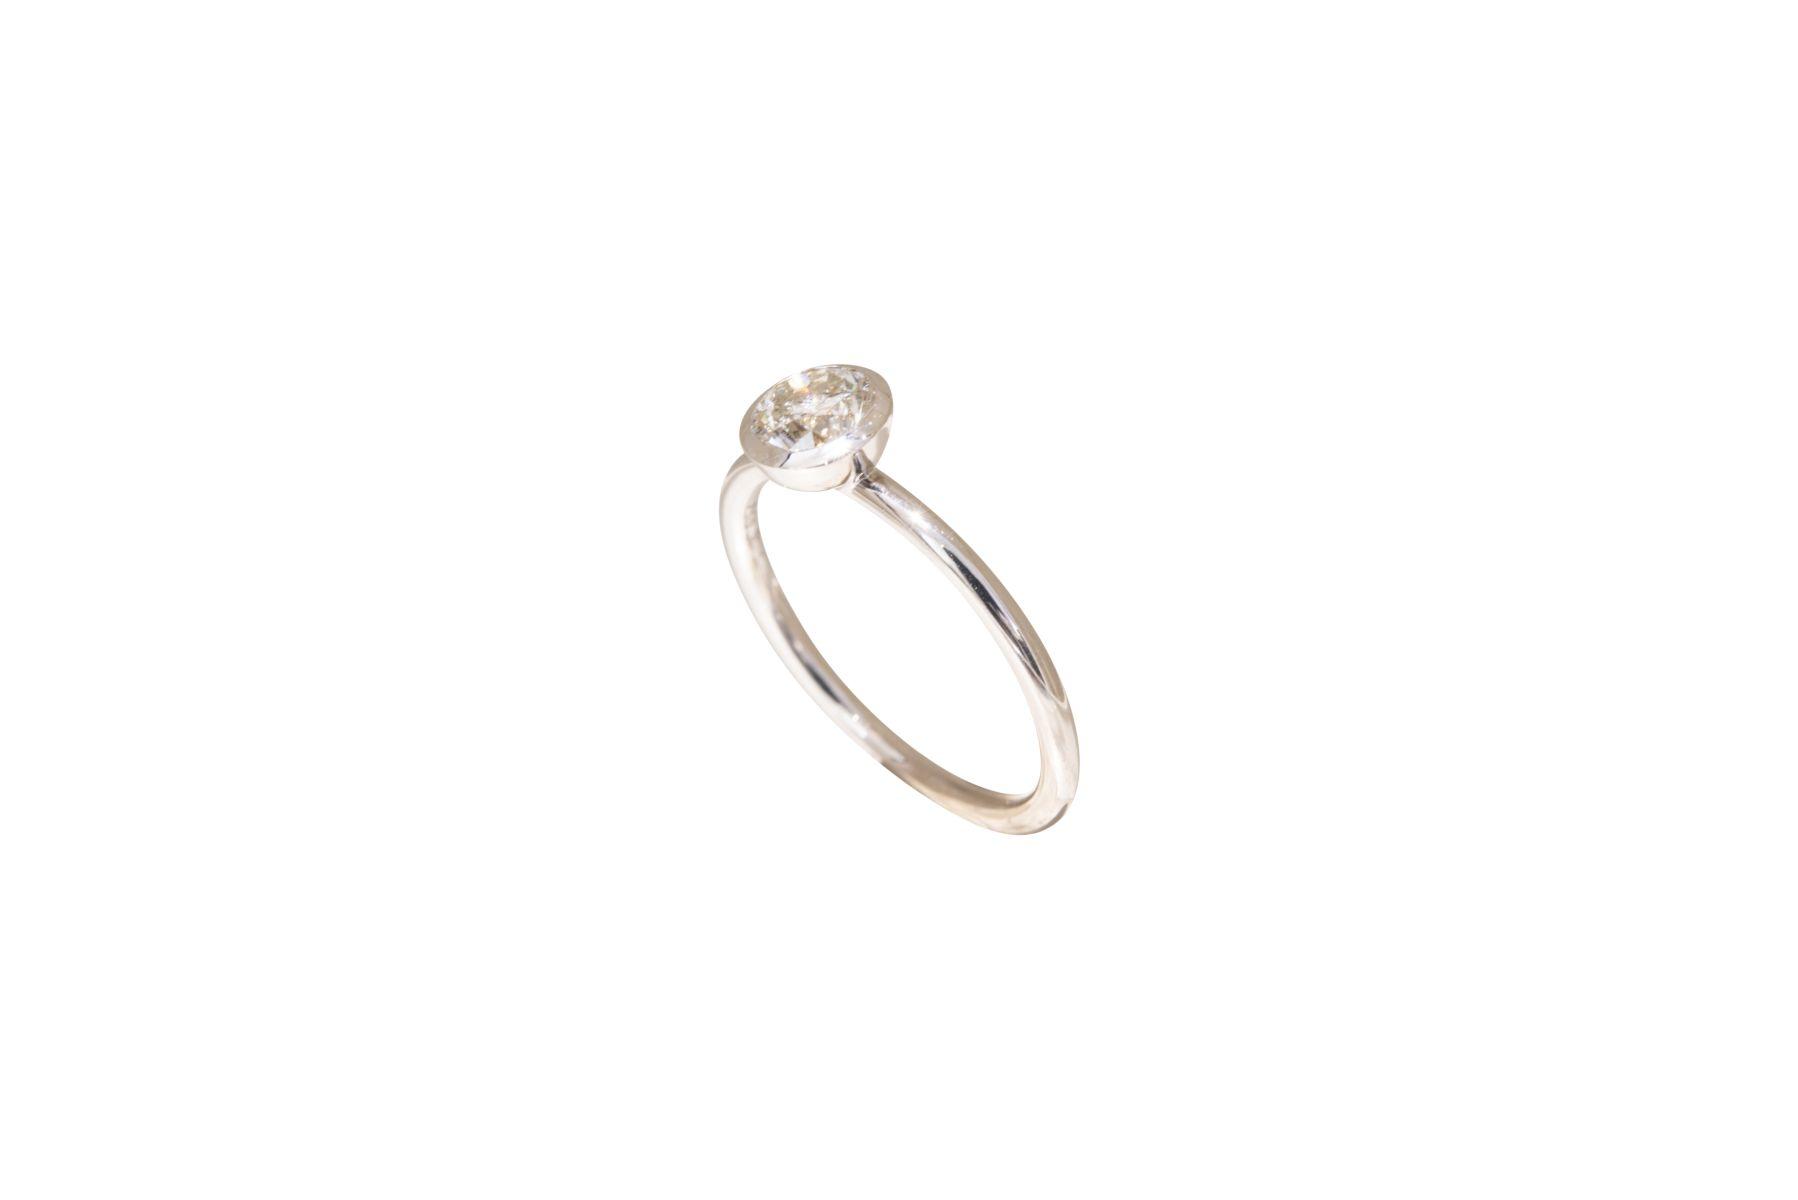 #203 Ring | Ring Image